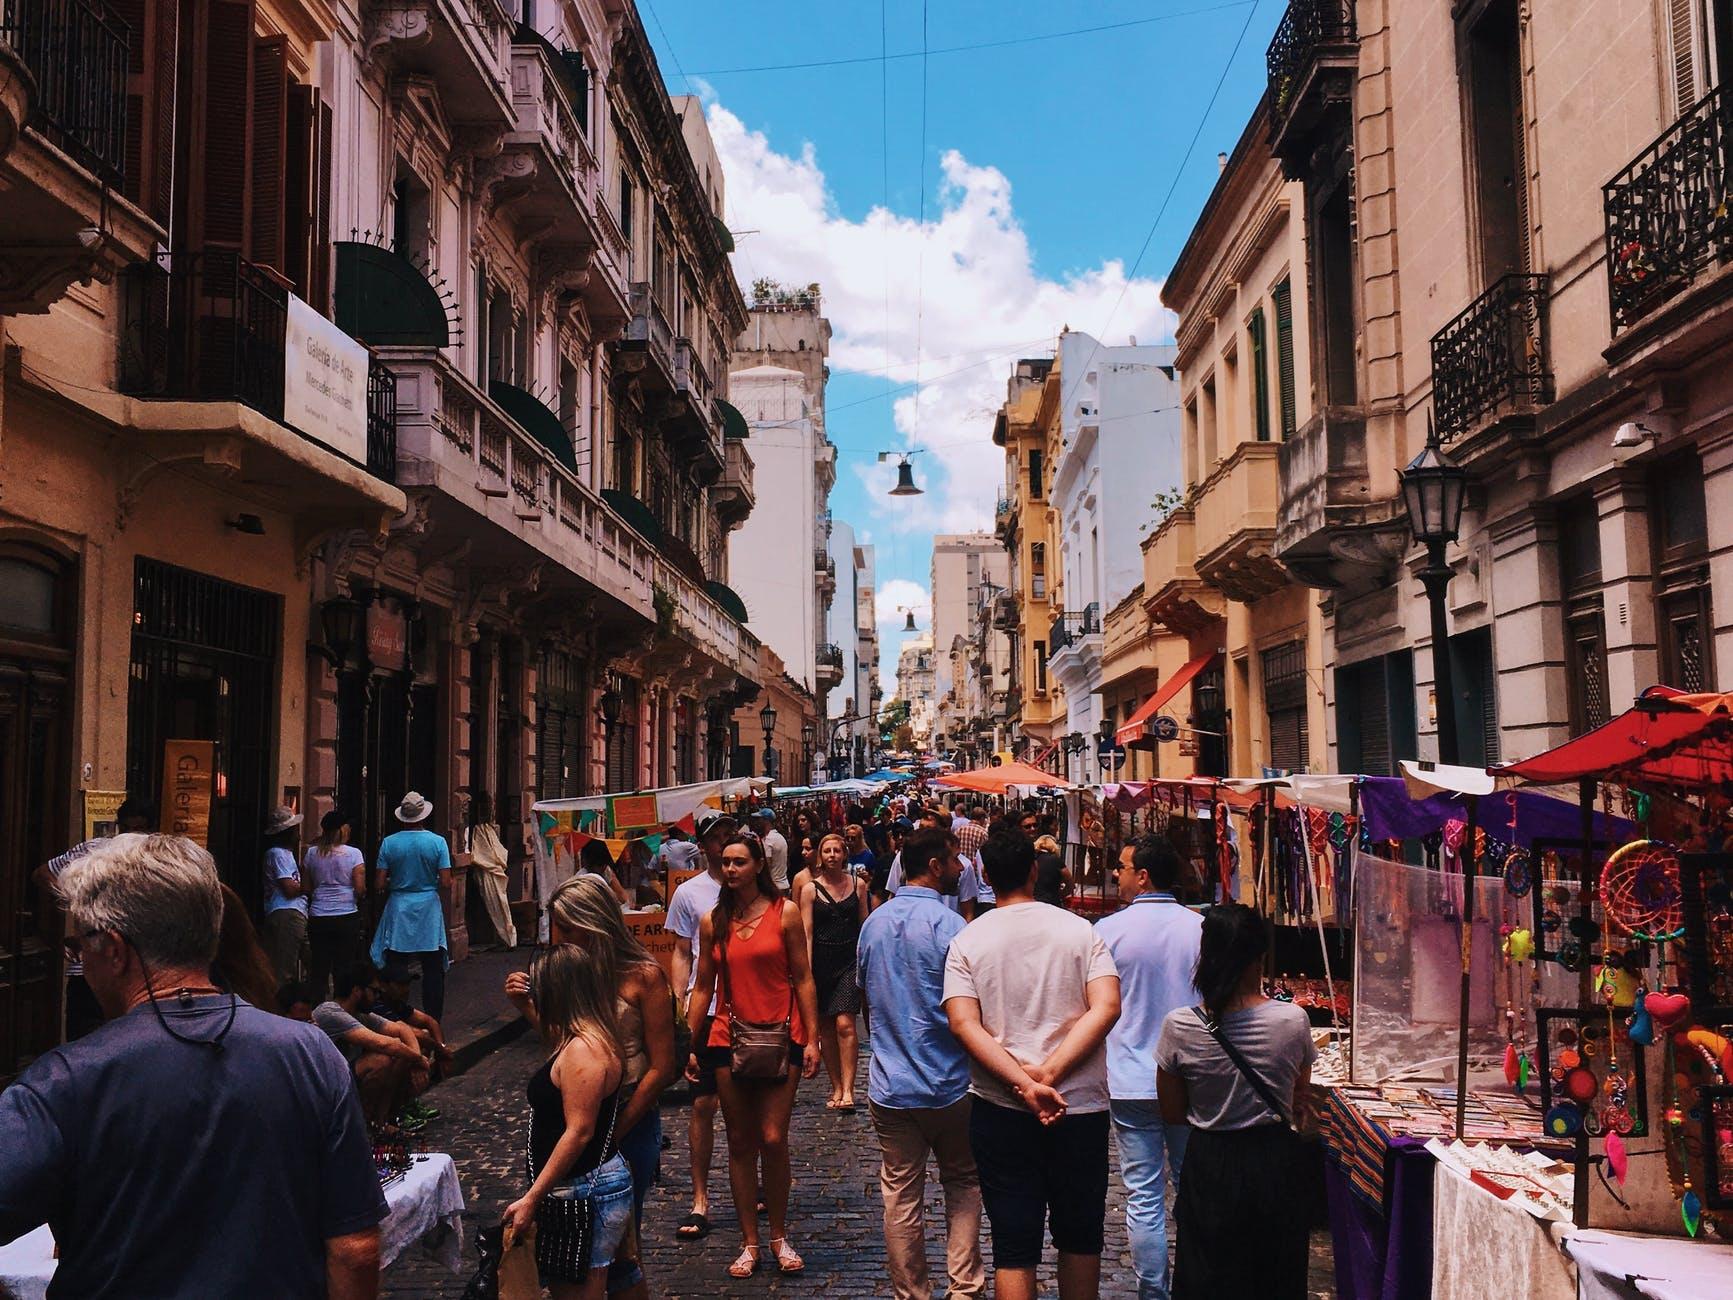 People walking in busy street